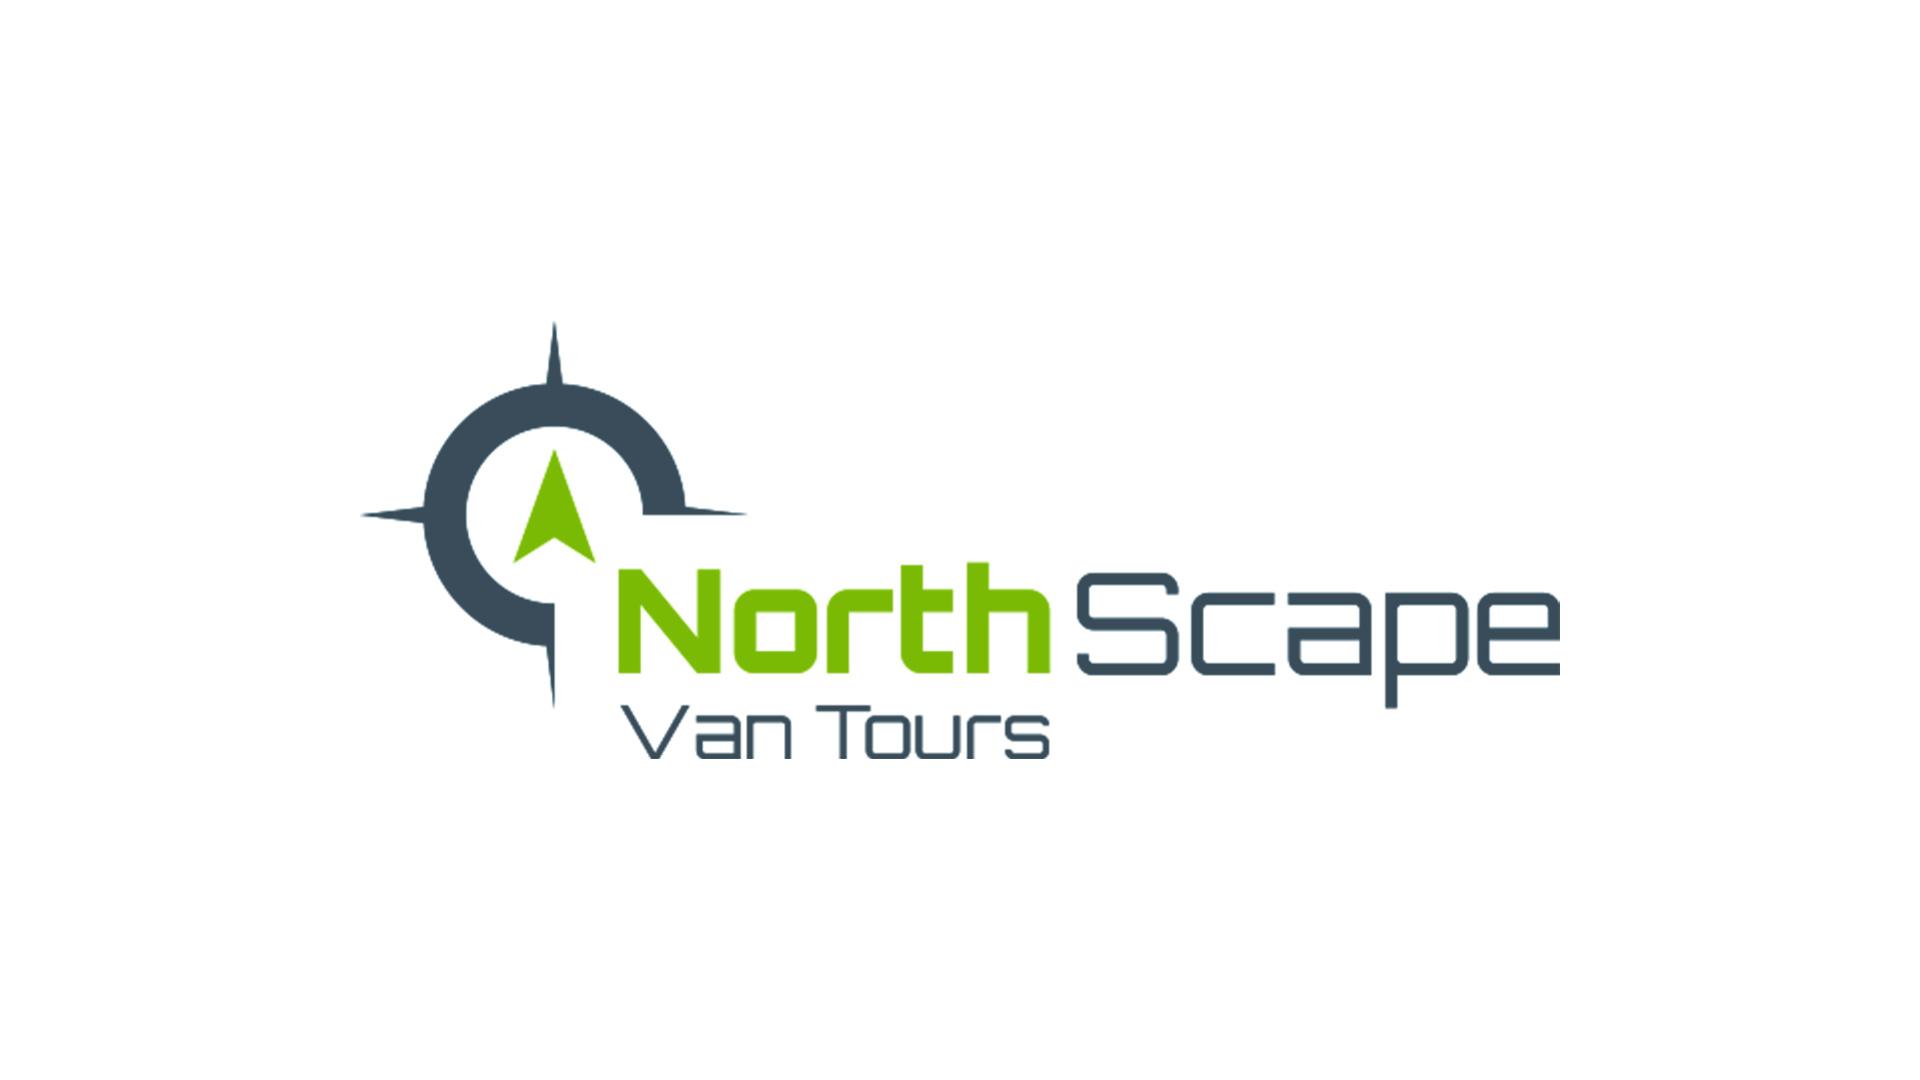 NorthScape-logótipo-publicidade-design gráfico